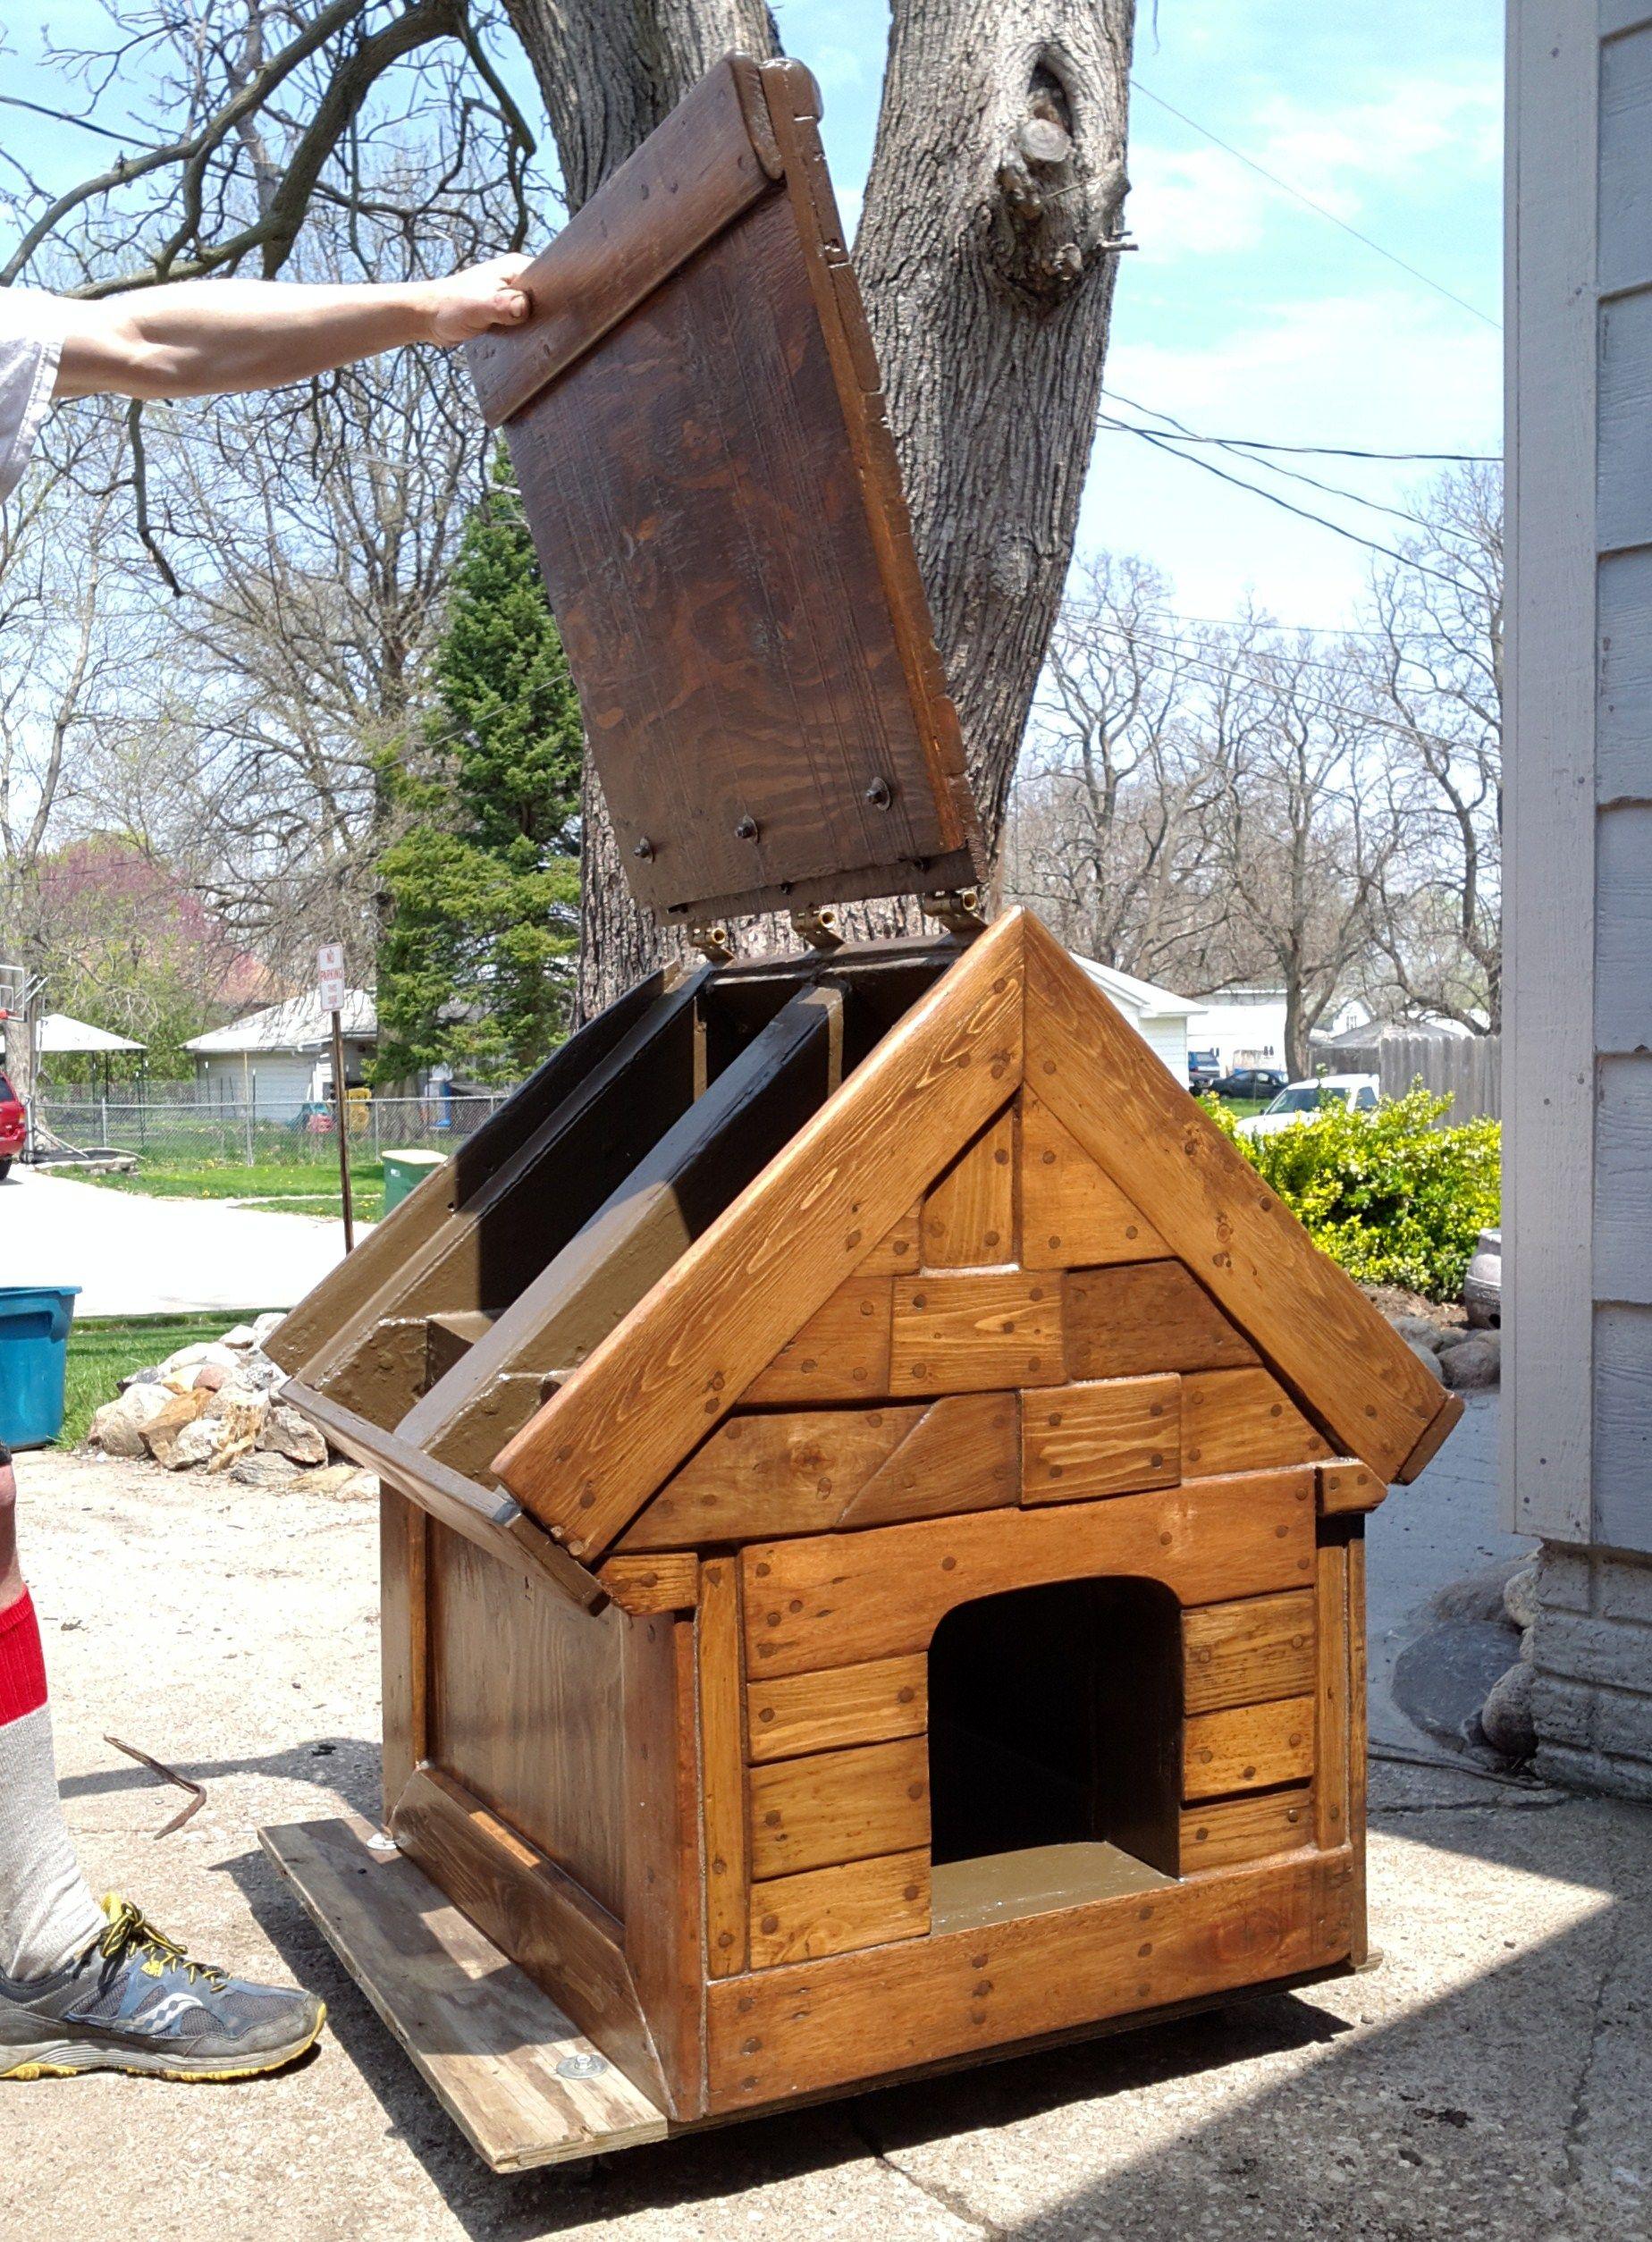 bf4a75e1fbe91c15571a7767e086ac92 dog house hinged roof plans noten animals,Dog House Plans With Hinged Roof